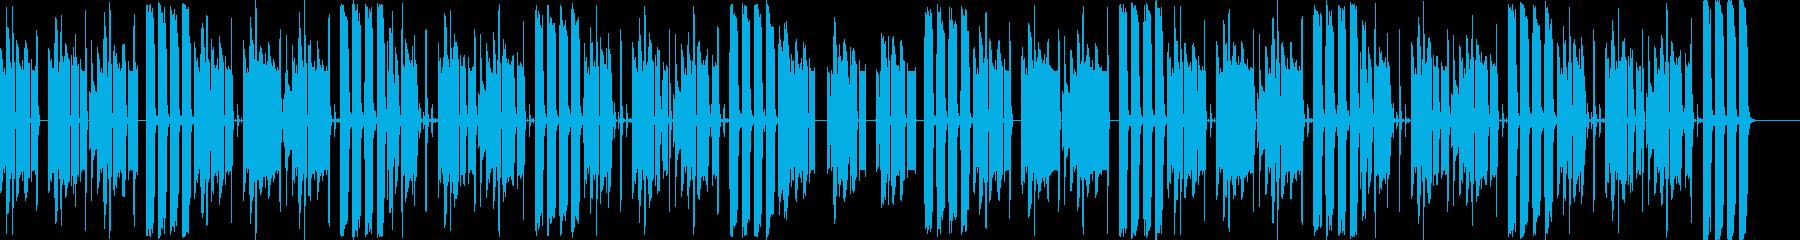 ゆったり、楽しい、ローファイの再生済みの波形